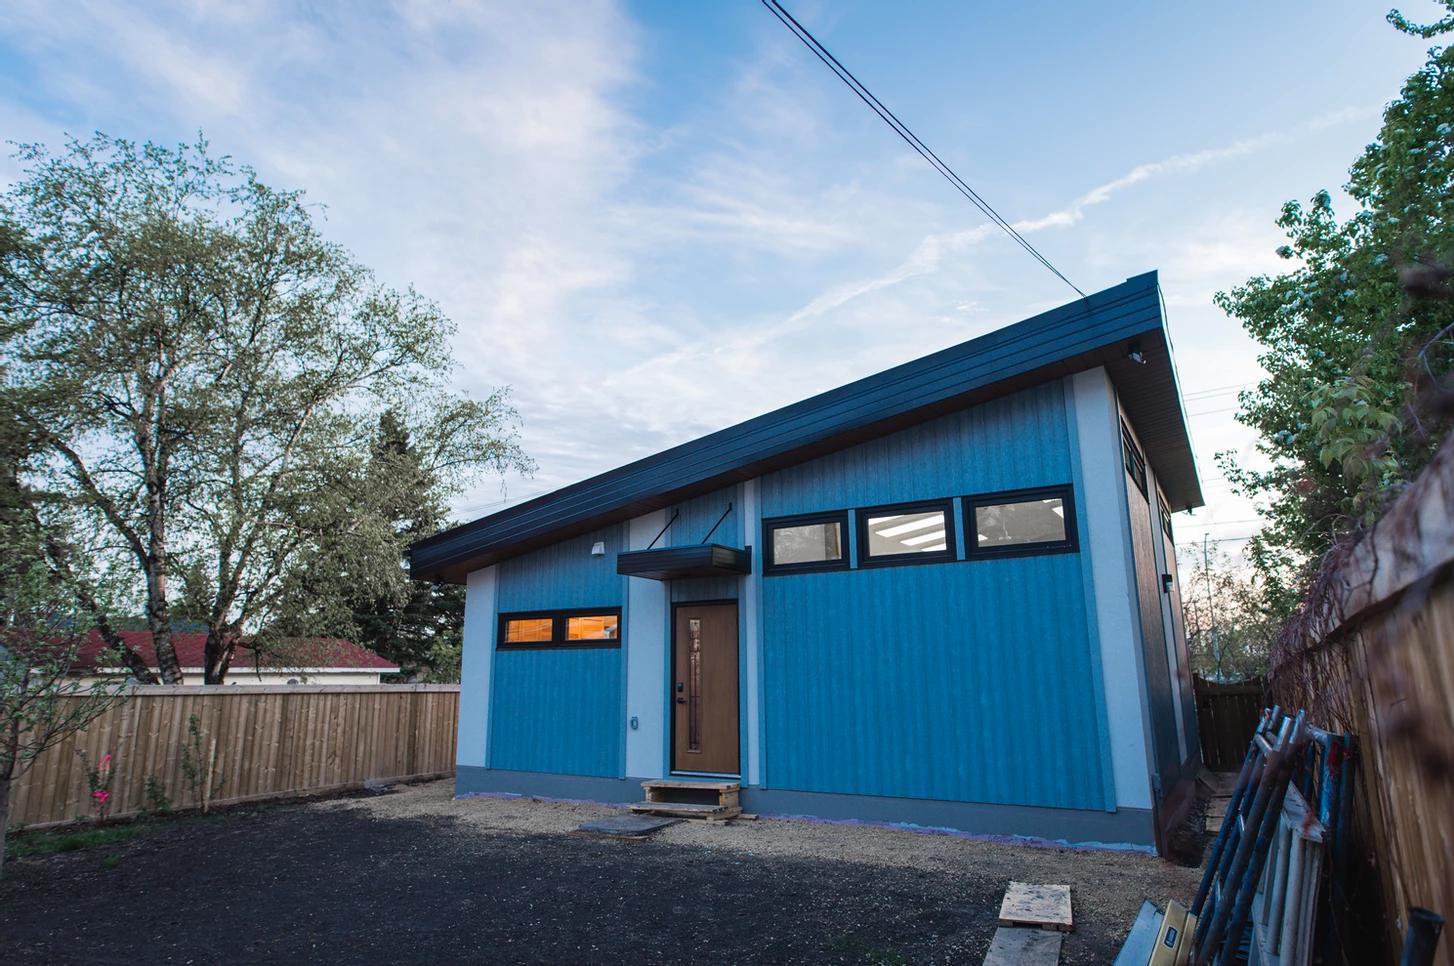 A one-story garden suite in Edmonton. Image via YEGarden Suites .